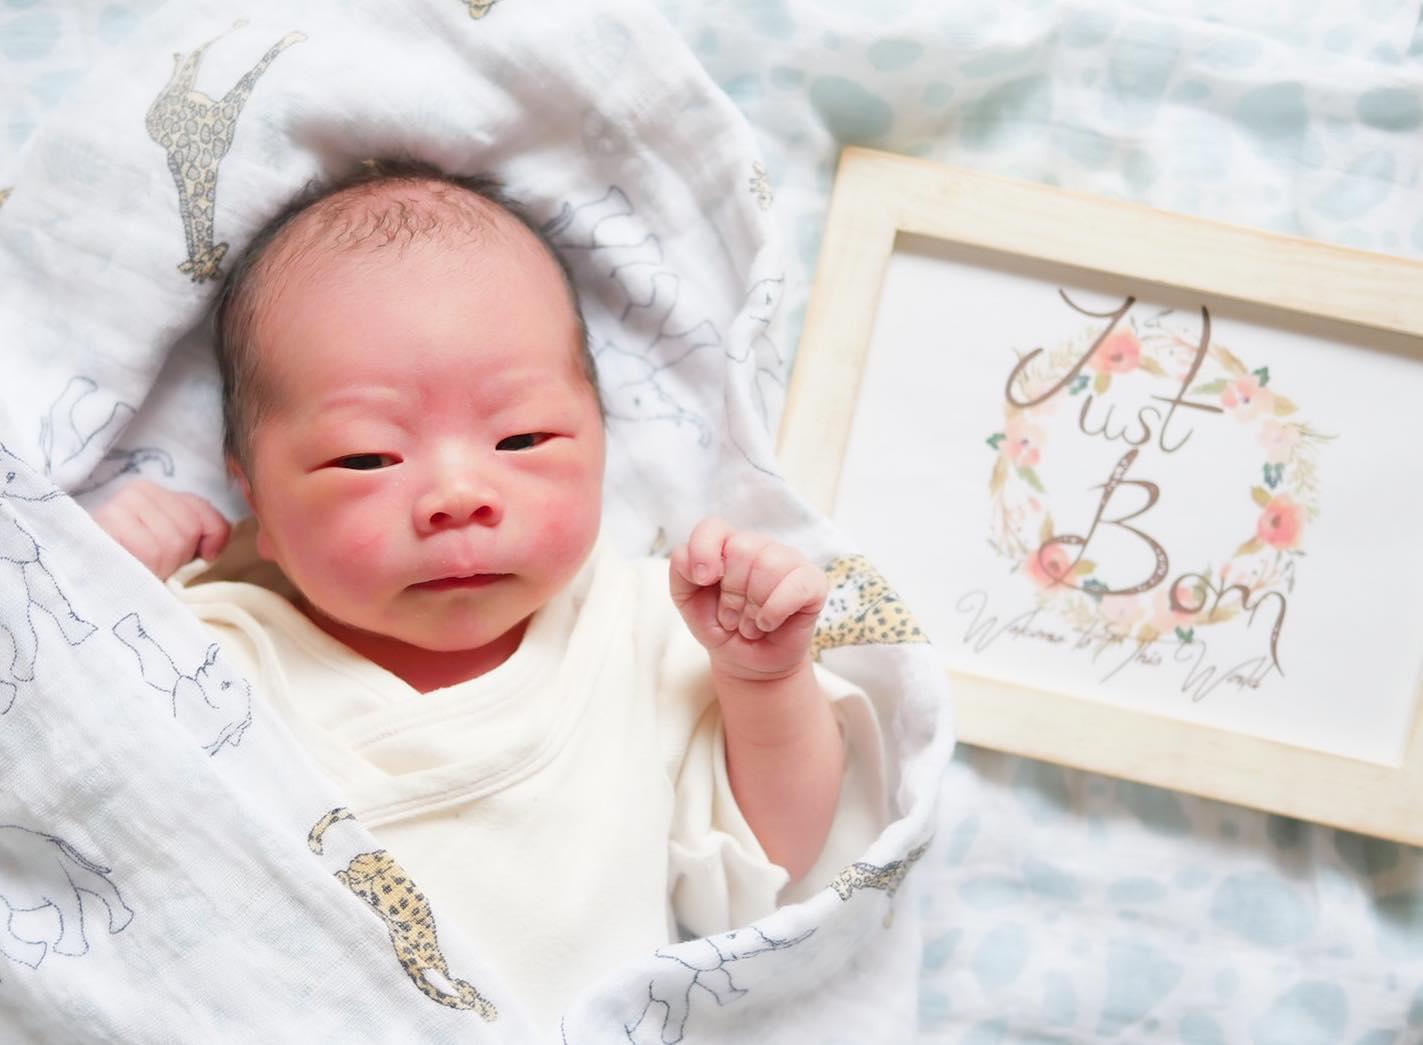 先生こんにちは無事生まれてくれました3100g元気な男の子です妊娠中のお灸は赤ちゃんの状態にもよいと助産師さんにも言われてしてたから赤ちゃんのお肌も綺麗ですまたお会いできるの楽しみにしてますねしばらく母に甘えてゆっくりさせてもらいます【予約・お問い合わせ】#ナオエ夢鍼灸院( #滋賀 #近江八幡 )℡0748-32-1172 #鍼灸 #妊活 #不妊治療 #妊活鍼灸#不妊#赤ちゃんがほしい #ベビ待ち #ママになりたい #妊活記録 #温熱#癒し#大津 #石山 #草津#南草津 #栗東#堅田 #守山 #野洲 #彦根 #東近江